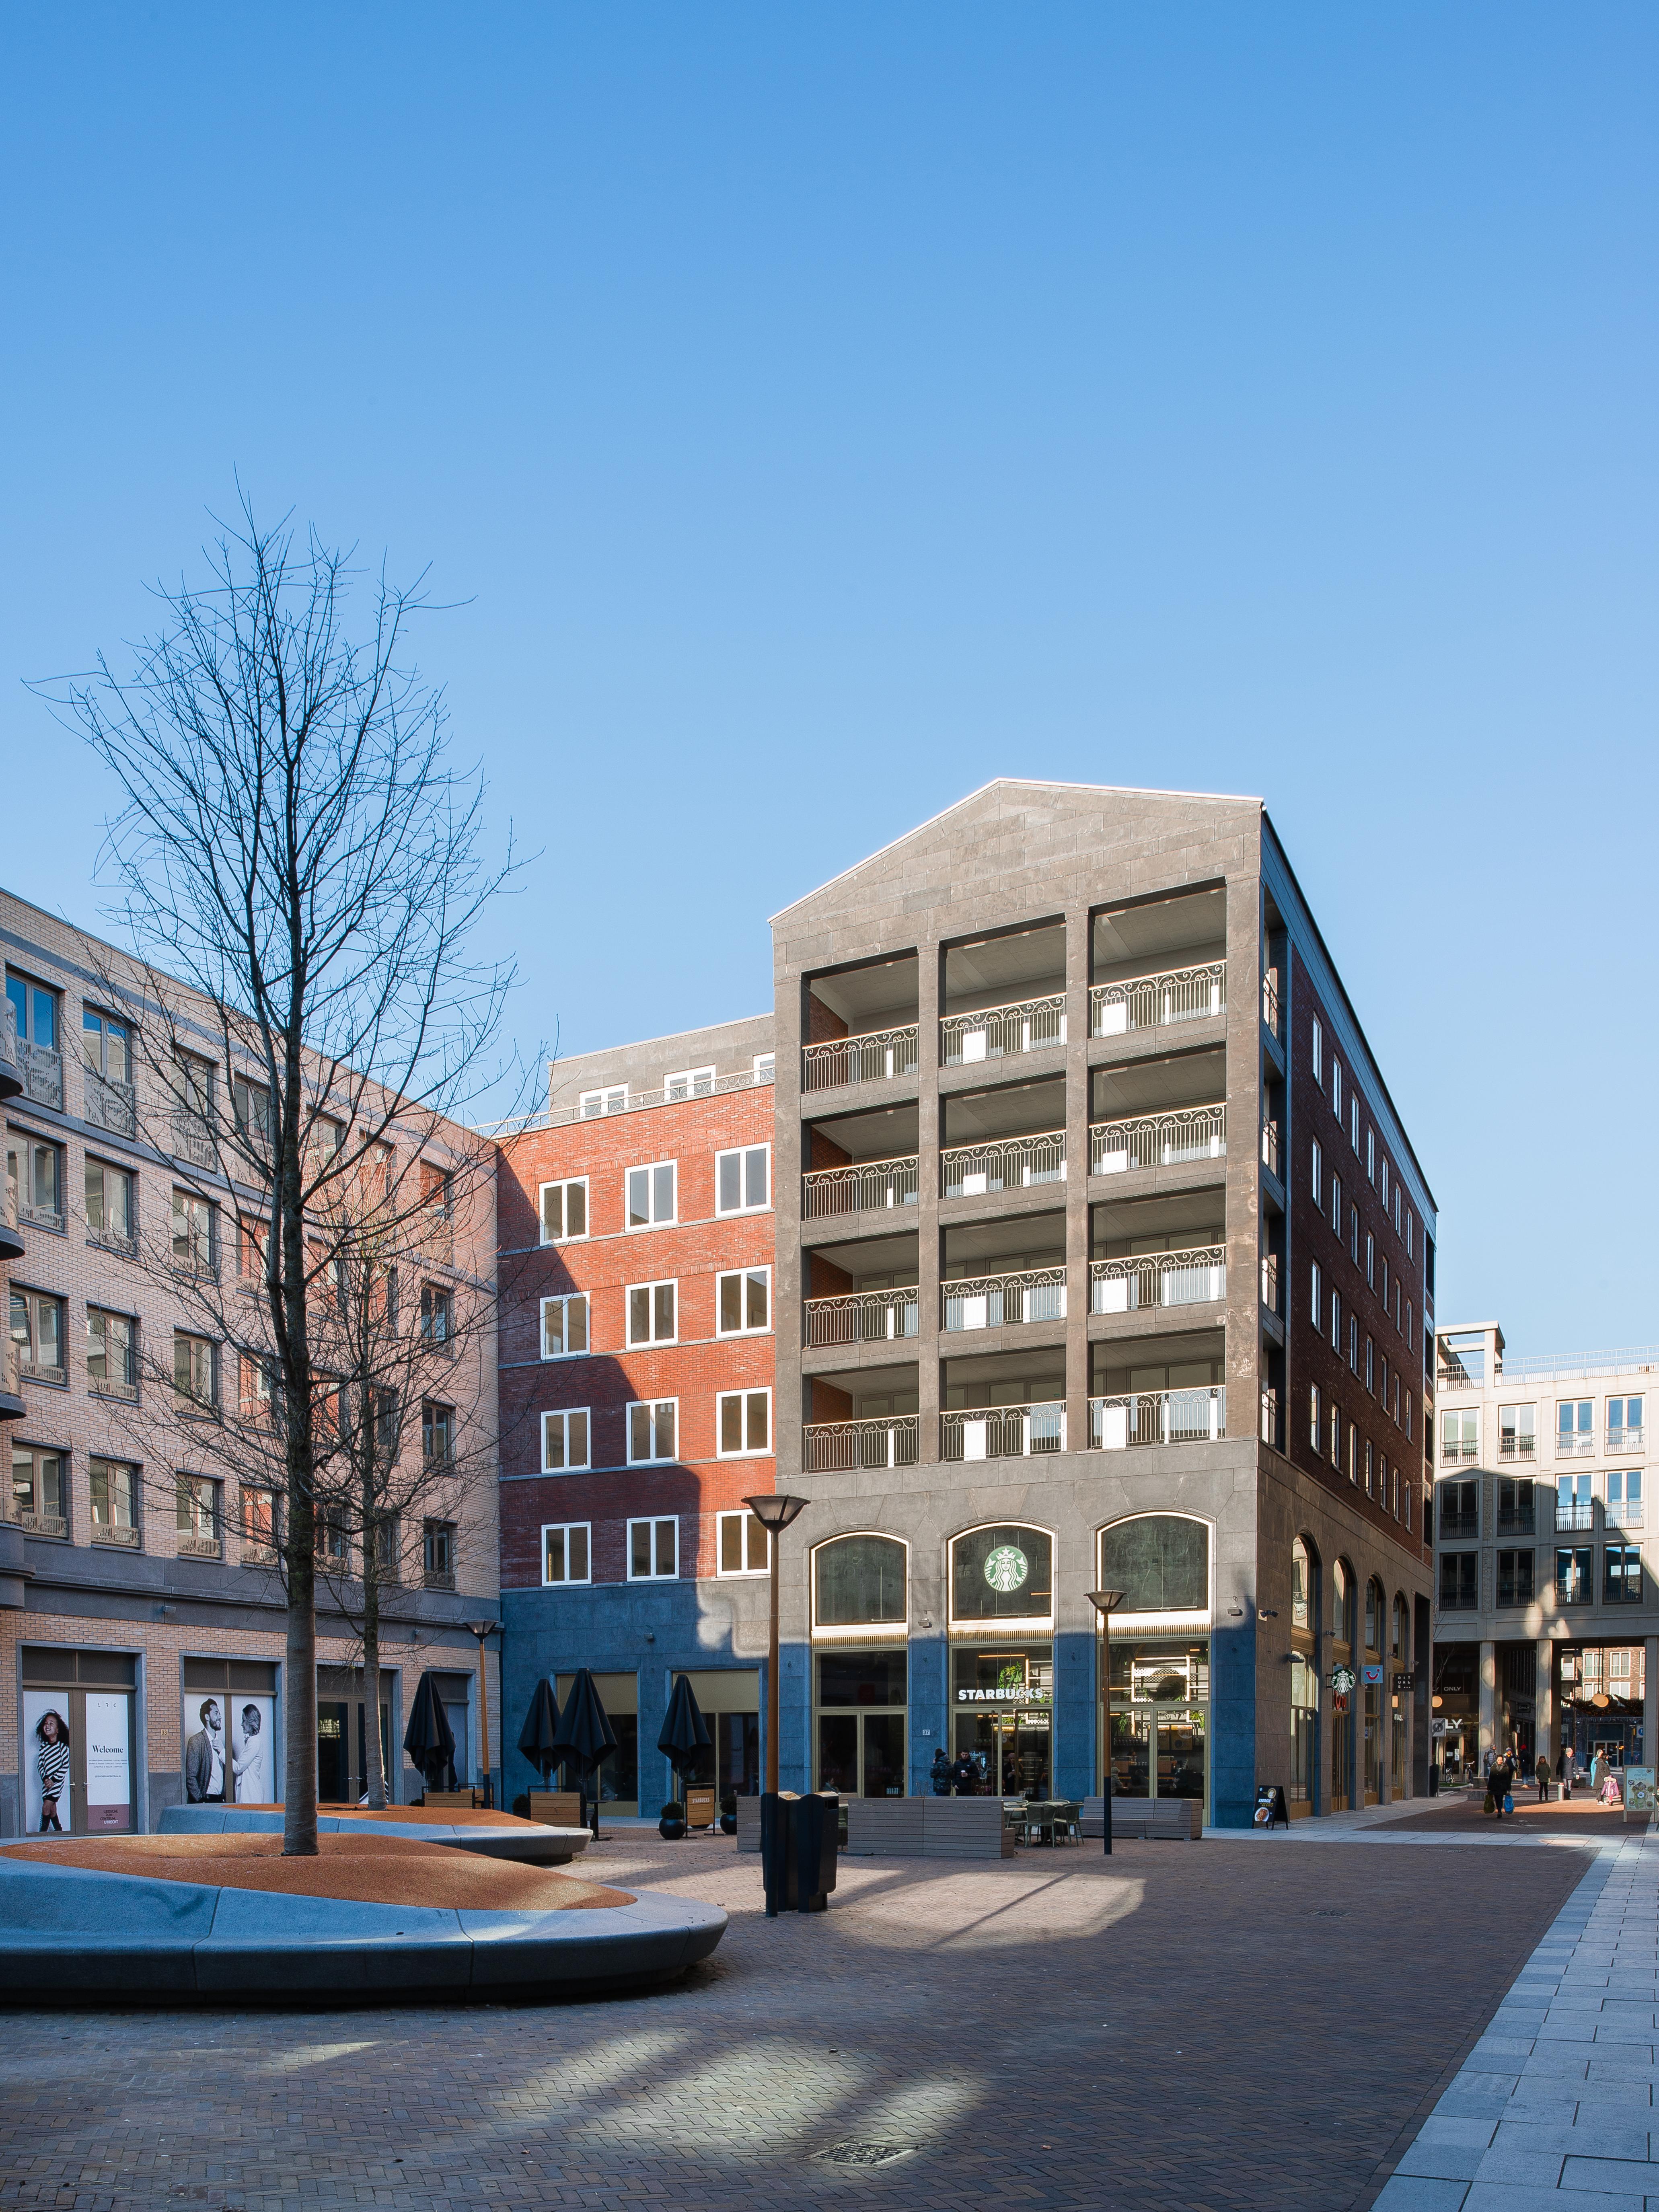 <p>Gebouw aan Hof van Bern, ontwerp Kollhoff &#038; Pols Architecten. Beeld MWA Hart Nibbrig</p>